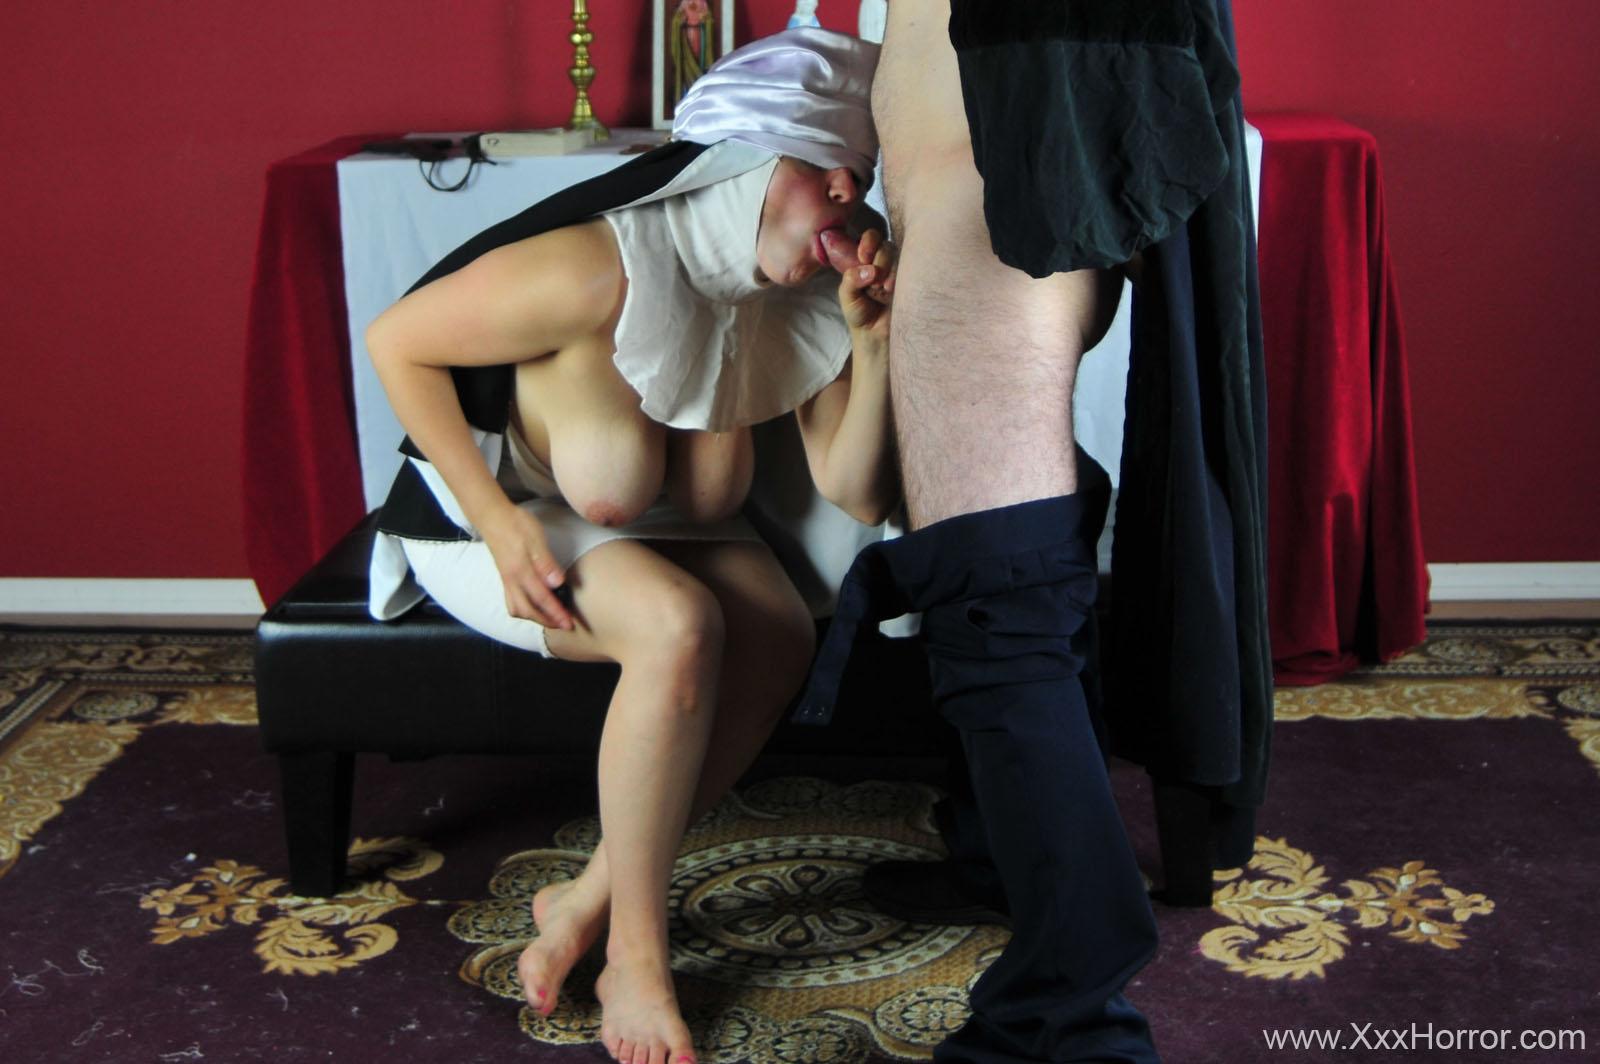 Смотреть проно с монашками, Монашки порно, смотреть секс с Монашкой 26 фотография